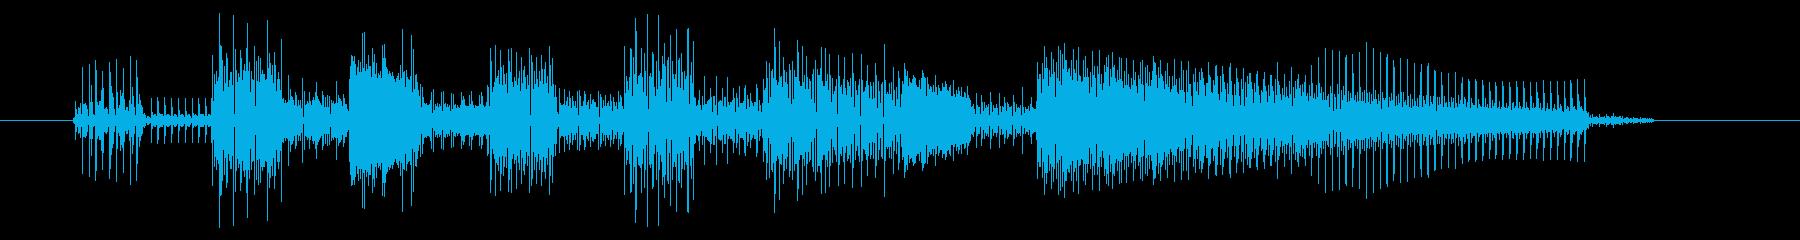 GB風レースゲームのジングルの再生済みの波形